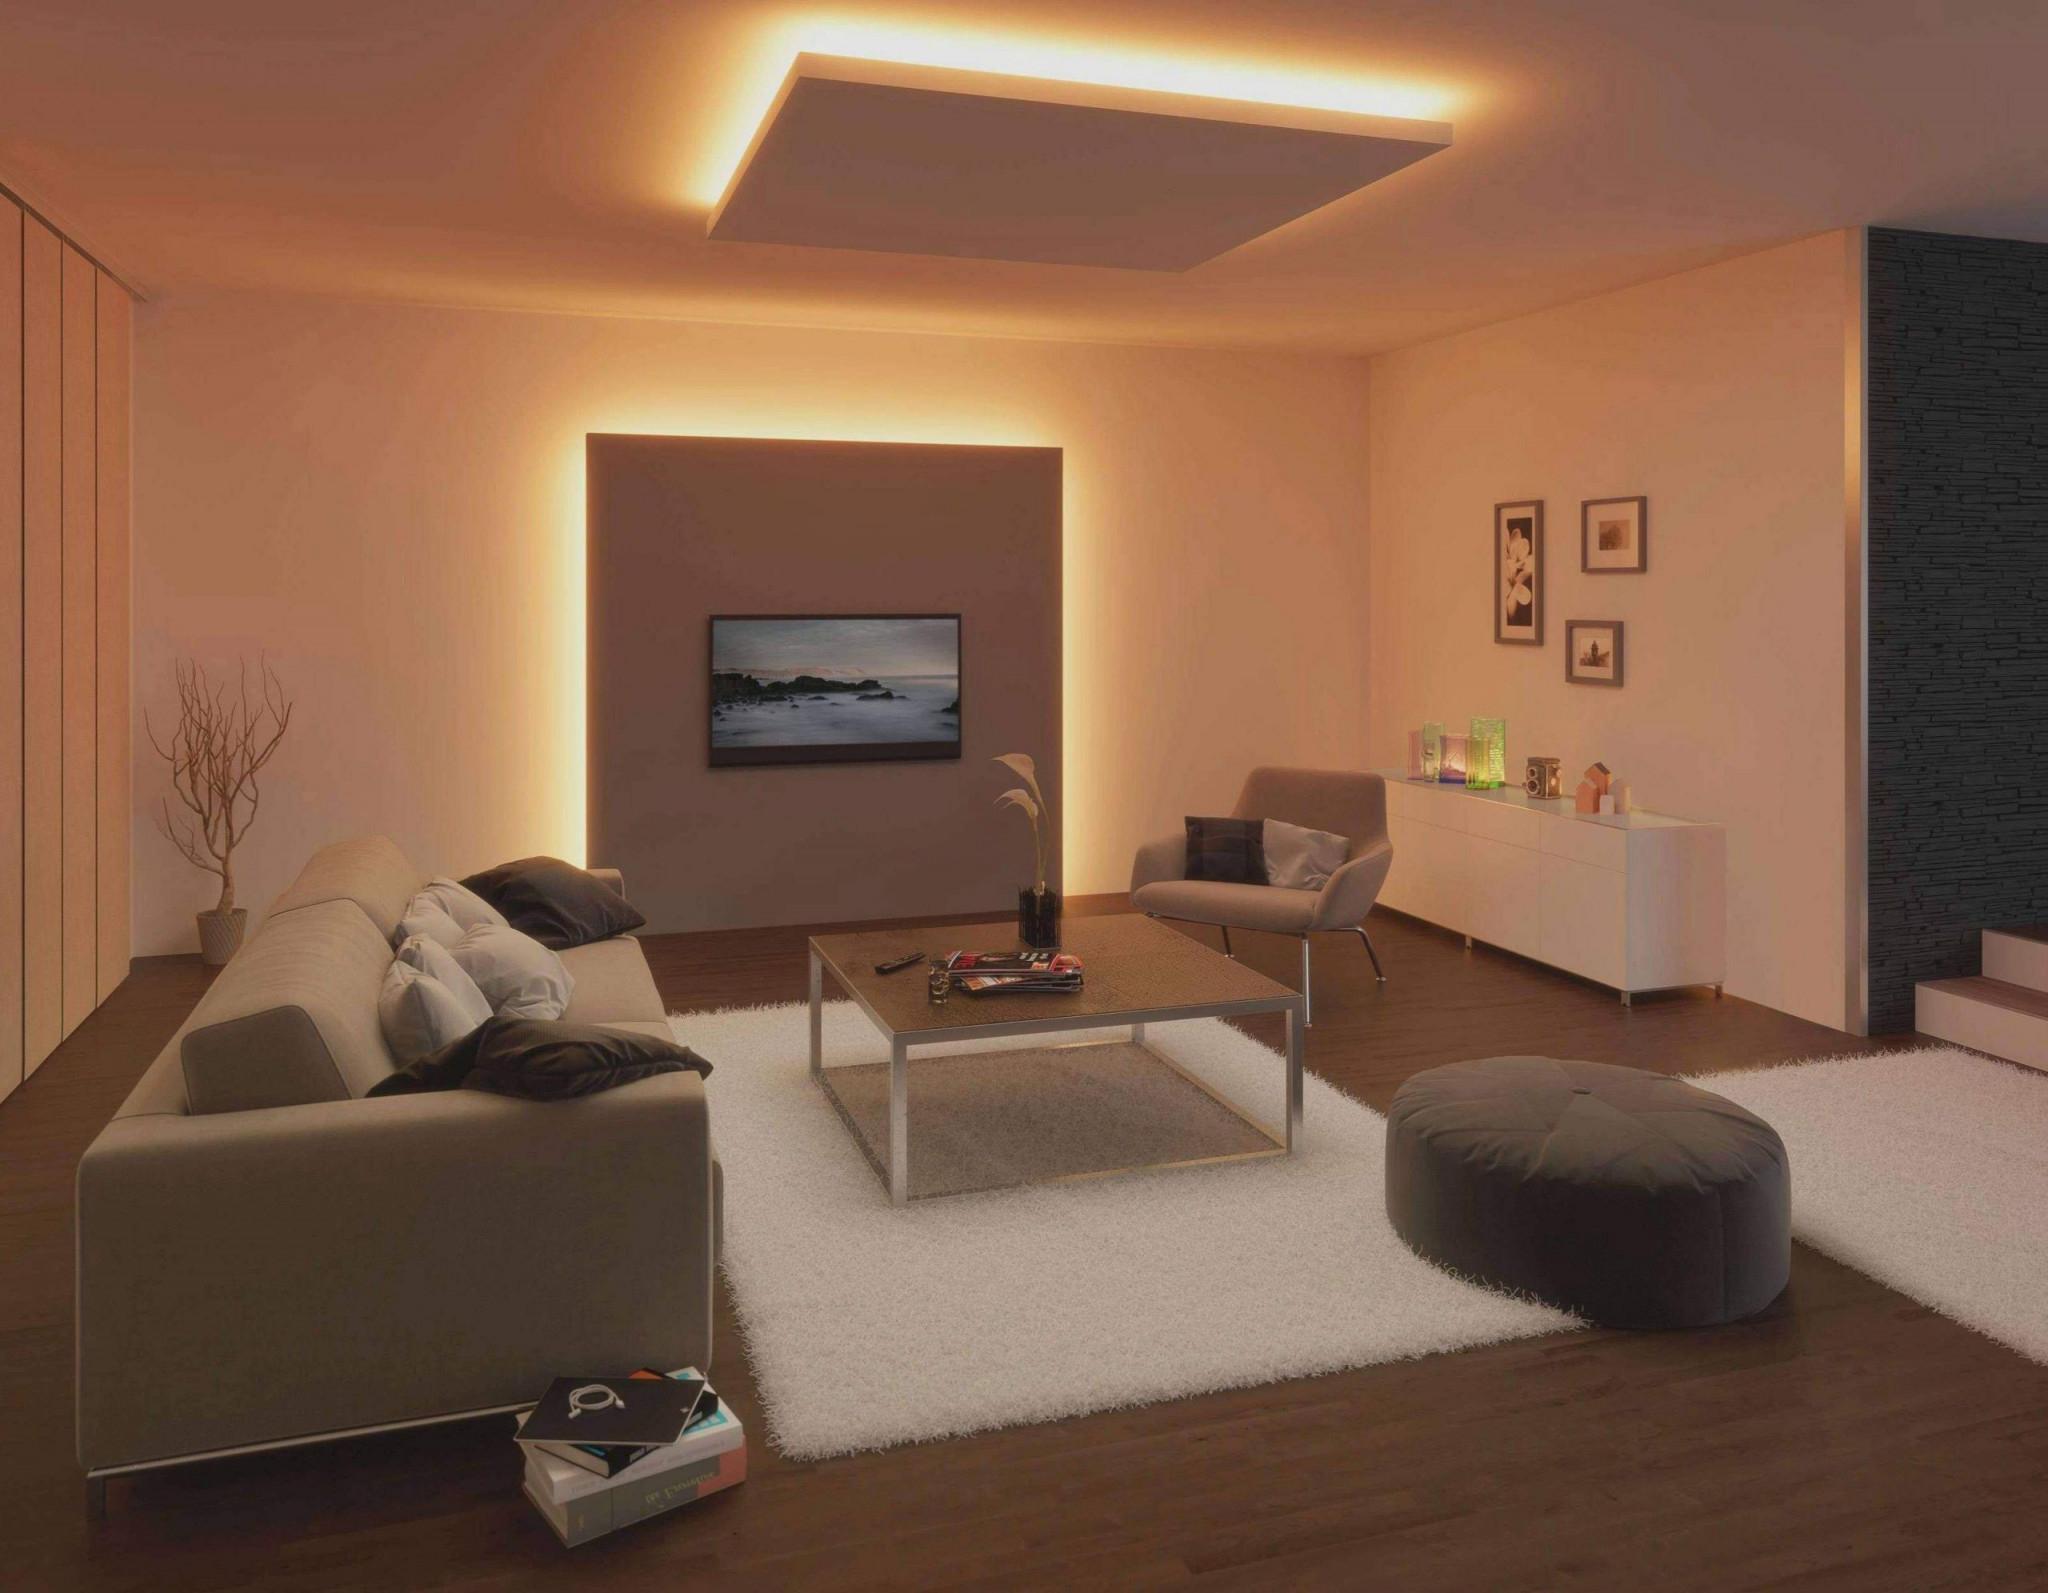 Deckenverkleidung Wohnzimmer Elegant Deckengestaltung von Moderne Deckenverkleidung Wohnzimmer Bild